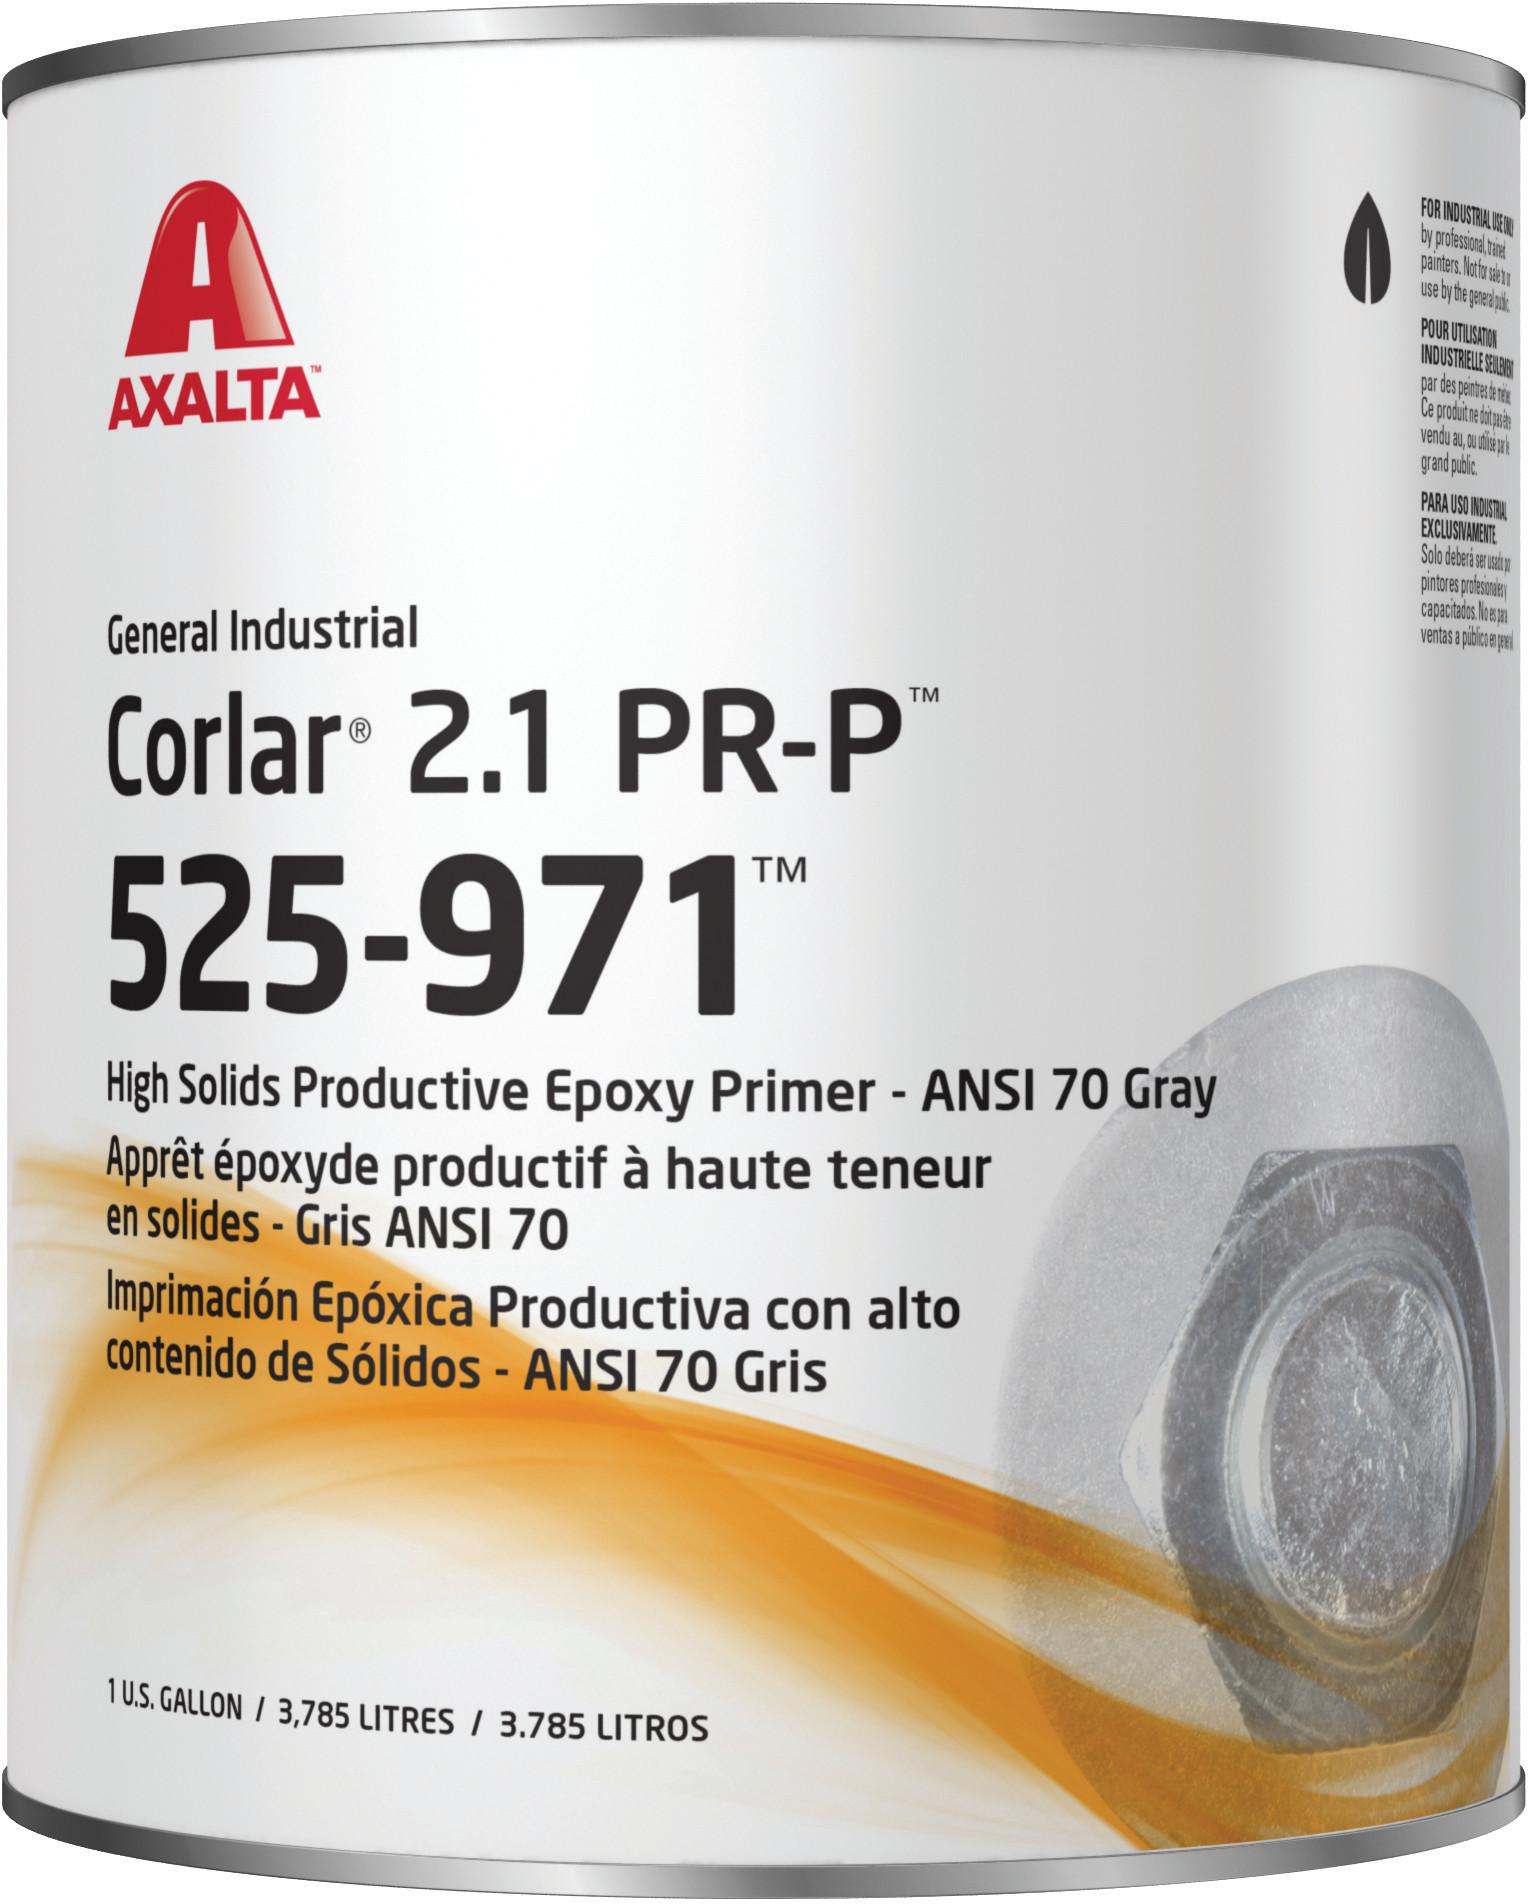 Auto Paint Supply >> Axalta Corlar 2.1 PR-P Epoxy Primer ANSI 70 Gray